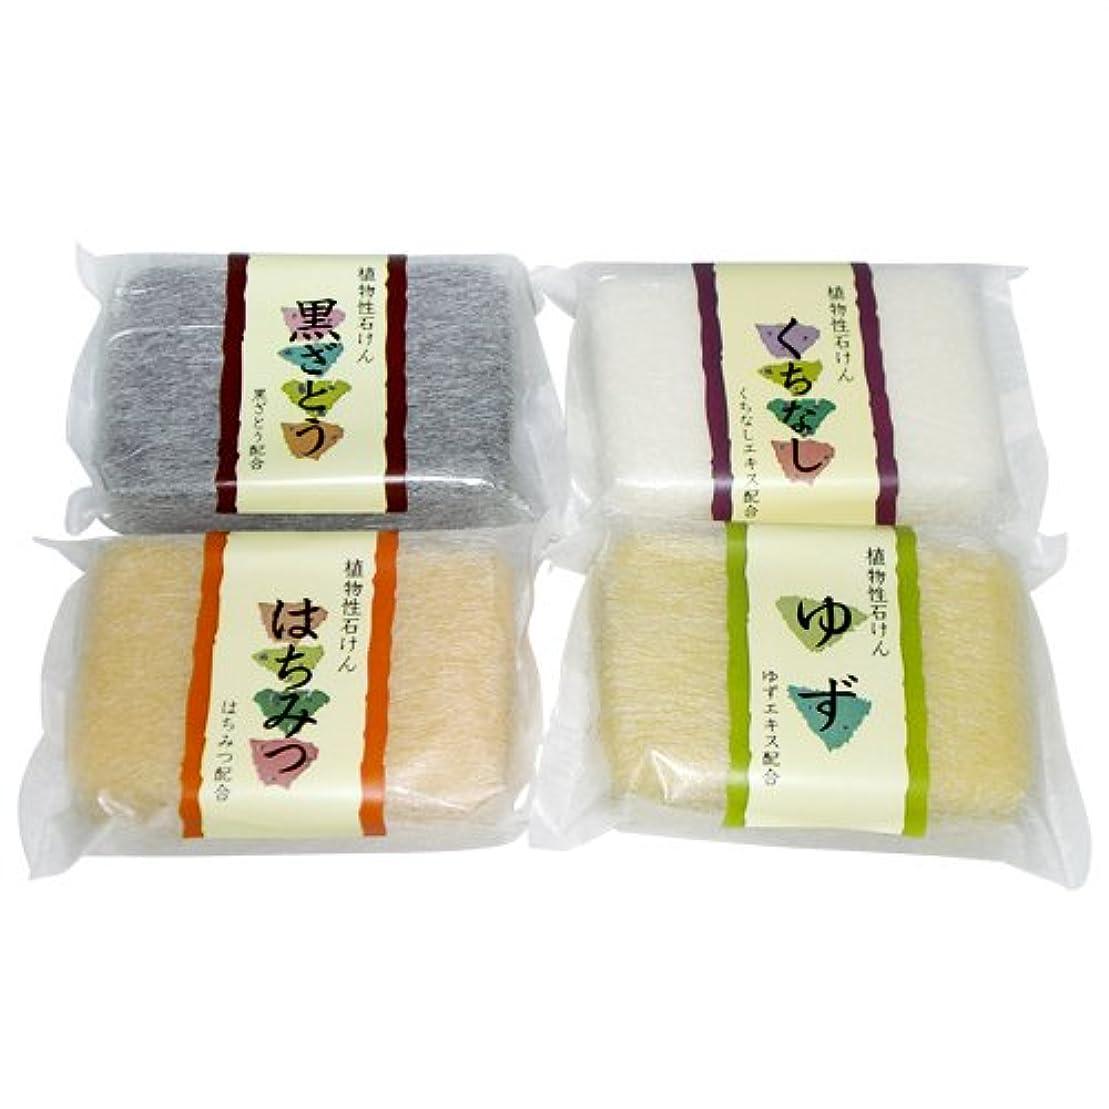 いっぱいマニアックバッフル植物性ソープ 自然石けん (80g) 種類おまかせ 2個セット